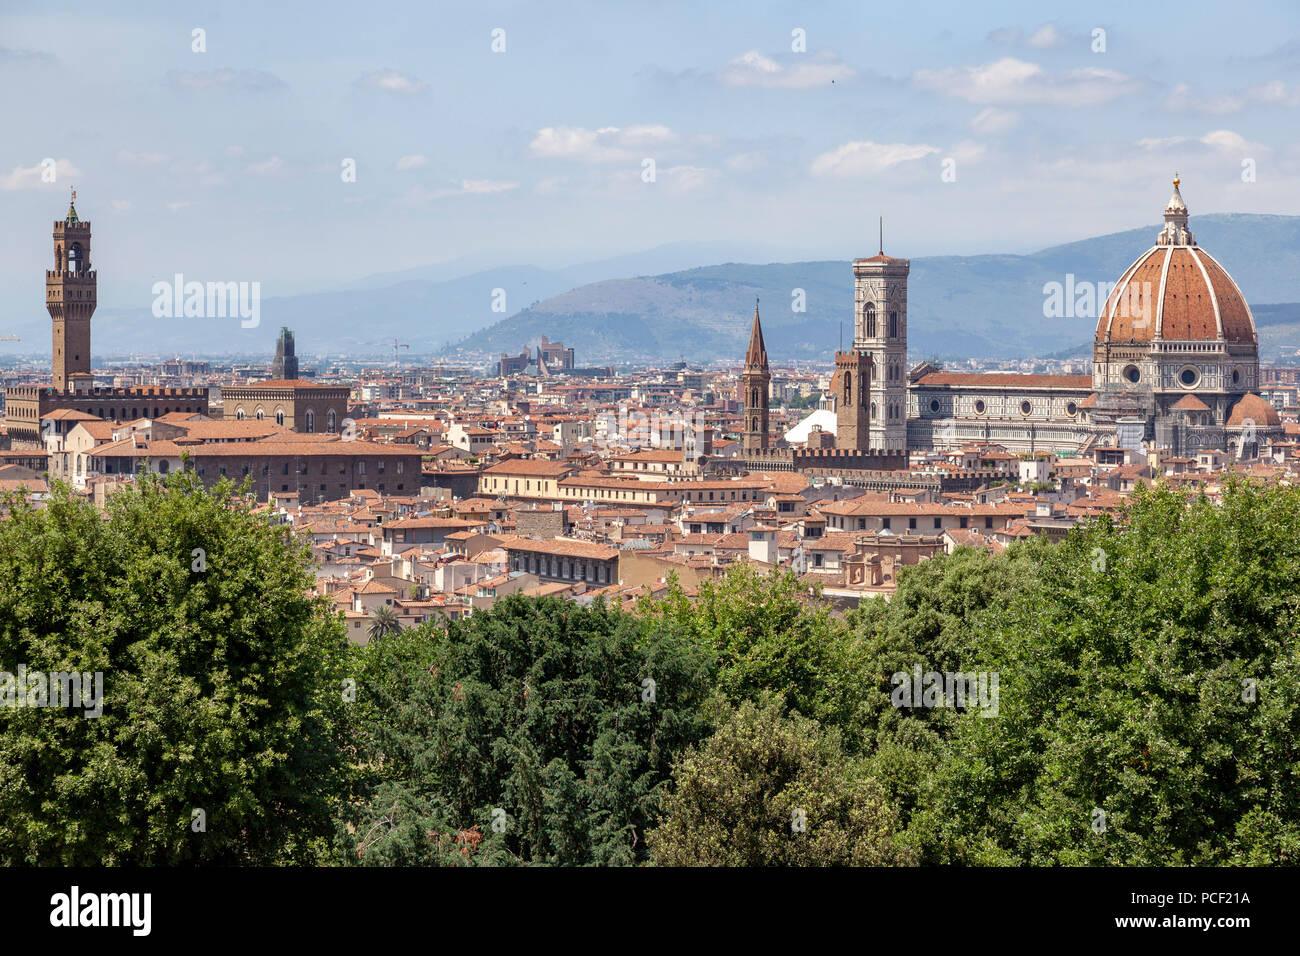 Ein Blick auf Florenz aus Sicht der MichelAngelo Platz genommen und sich von links nach rechts: der Palazzo Vecchio und den Duomo. Stockbild